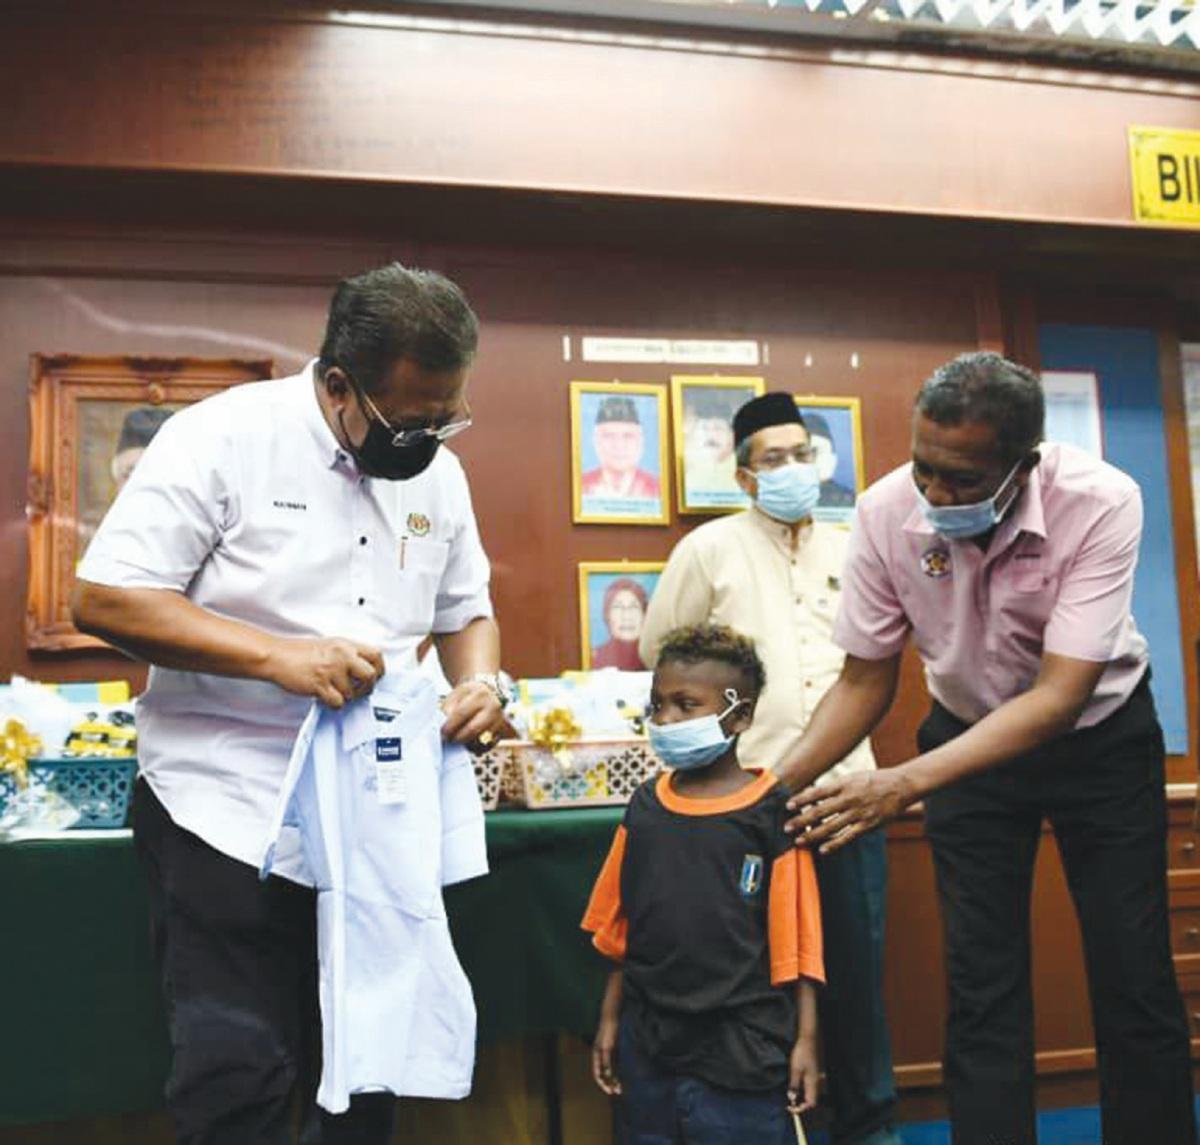 ABDUL Rahman memakaikan seragam sekolah kepada wakil murid.